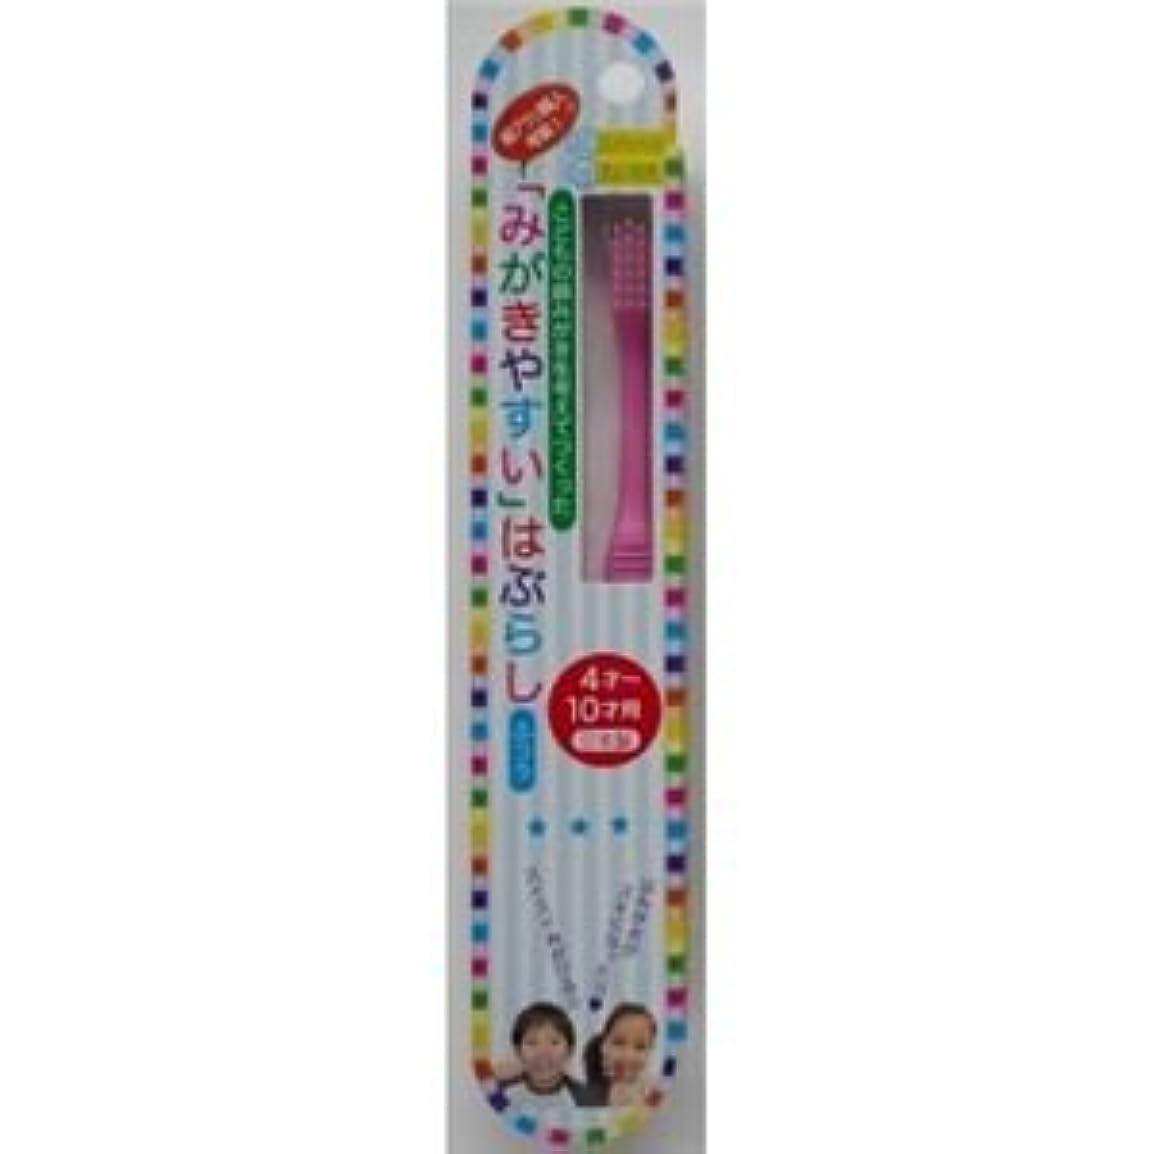 (まとめ)ライフレンジ 磨きやすい歯ブラシ LT-10 「磨きやすい」歯ブラシ こども用 【×12点セット】